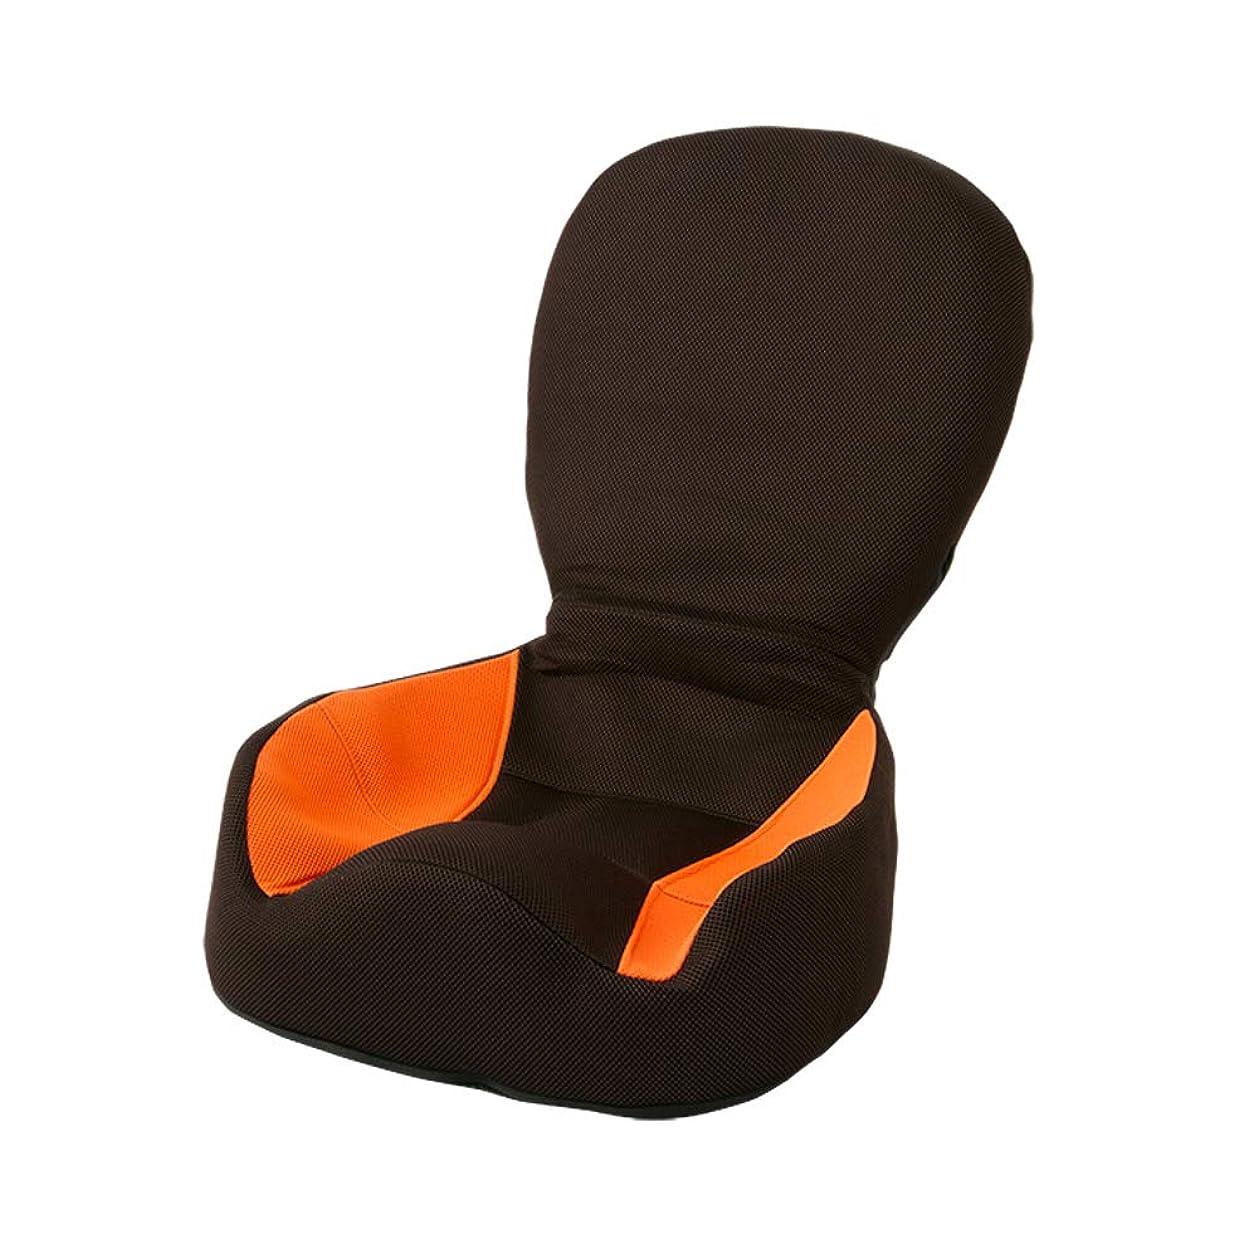 インタネットを見る前兆開示する座椅子 座いす ストレッチ リクライニング 背中 背筋 腰 姿勢 猫背 骨盤 チェア 読書 ゲーム (オレンジ)